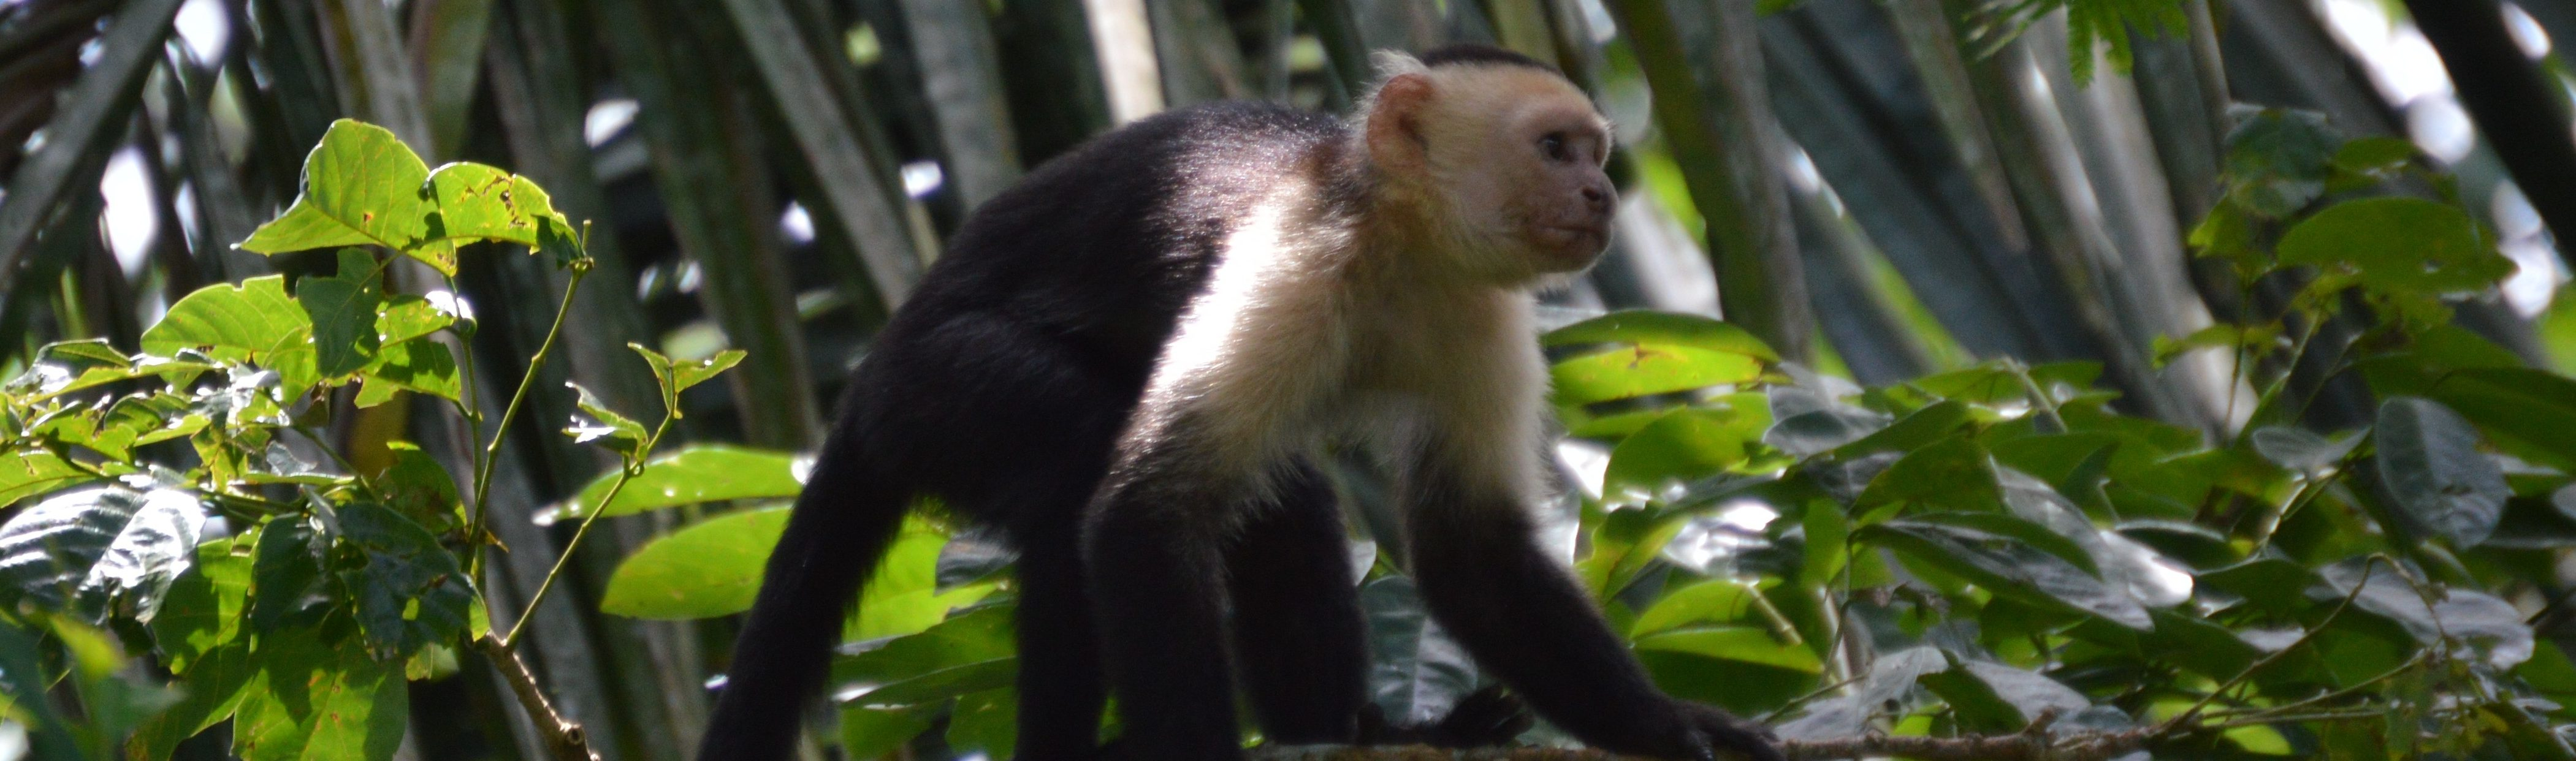 Refuge de la vie sauvage caño Negro capucin Costa Rica Voyage